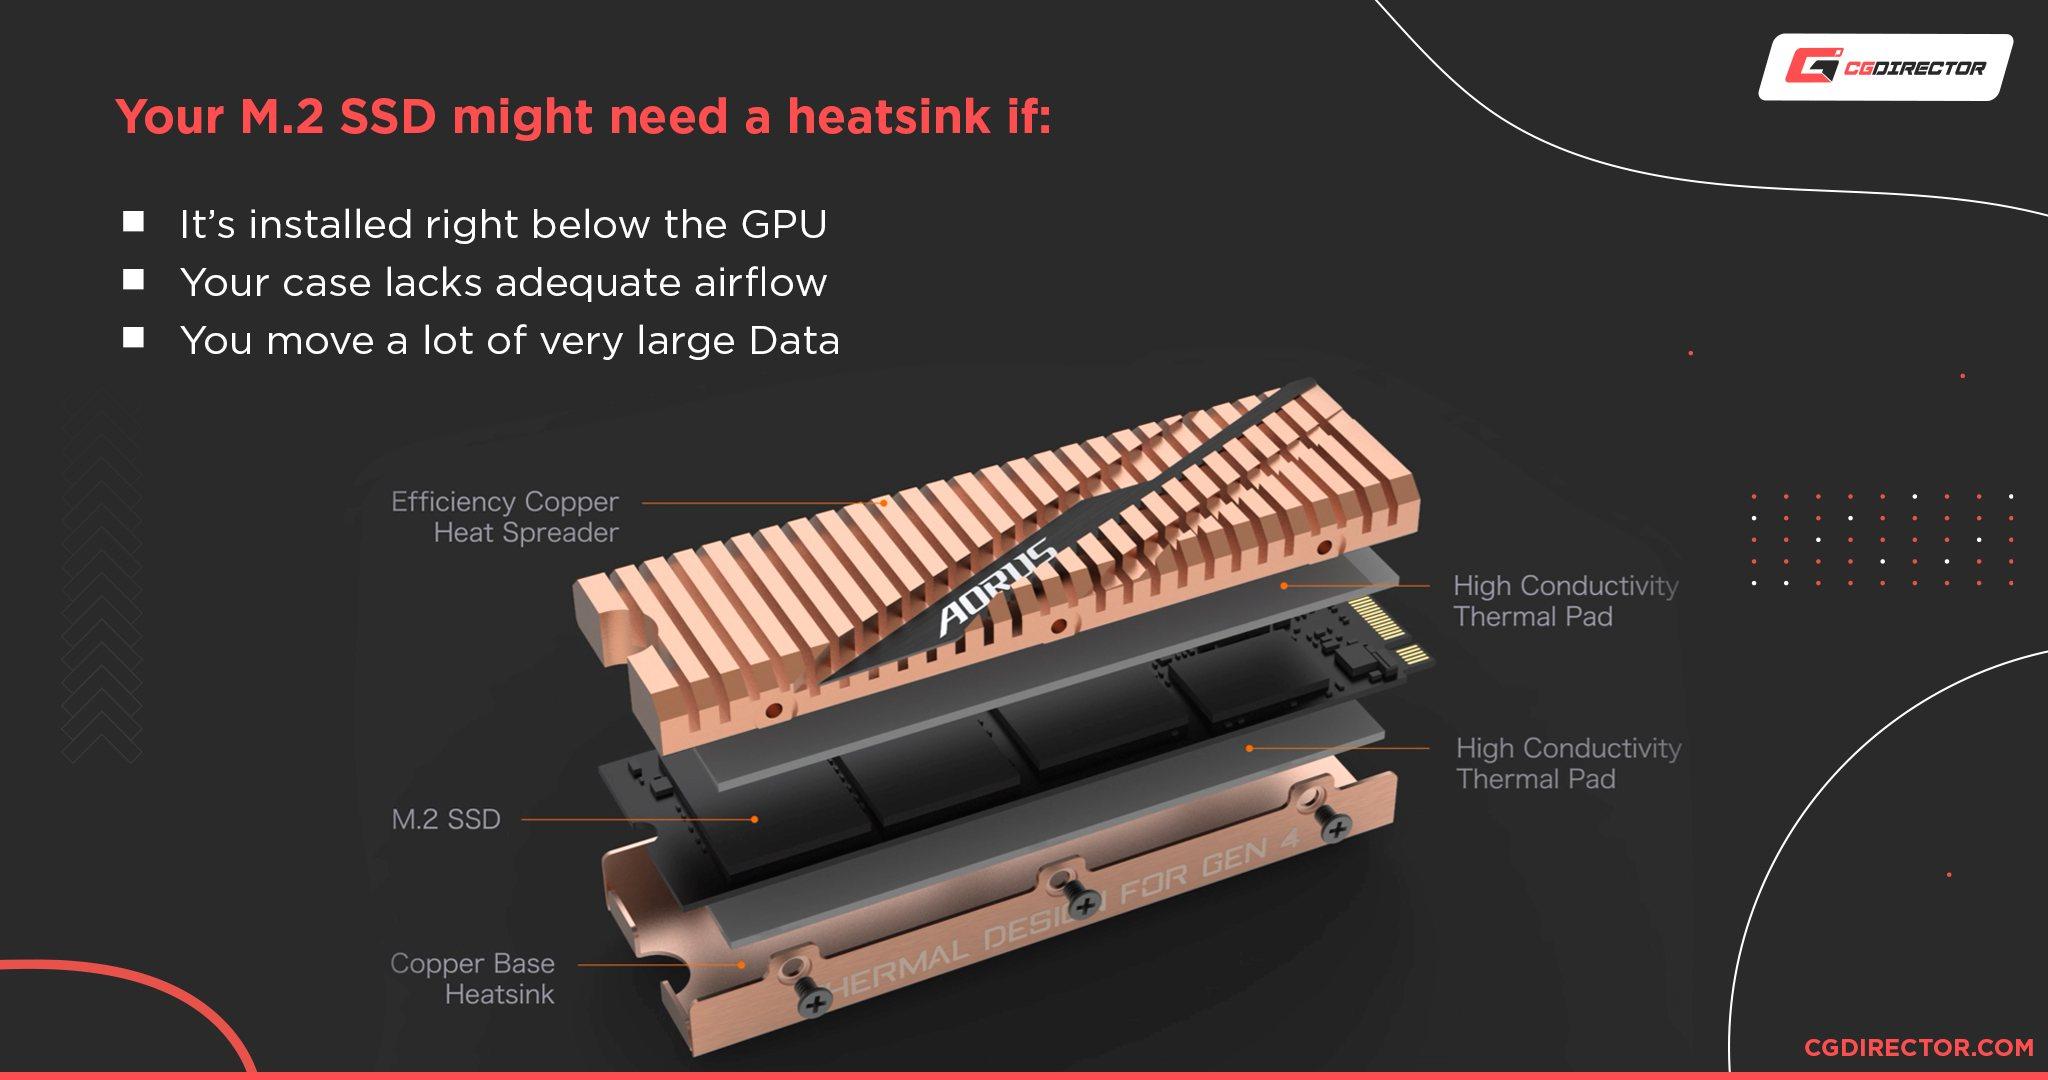 Do you need a heatsink